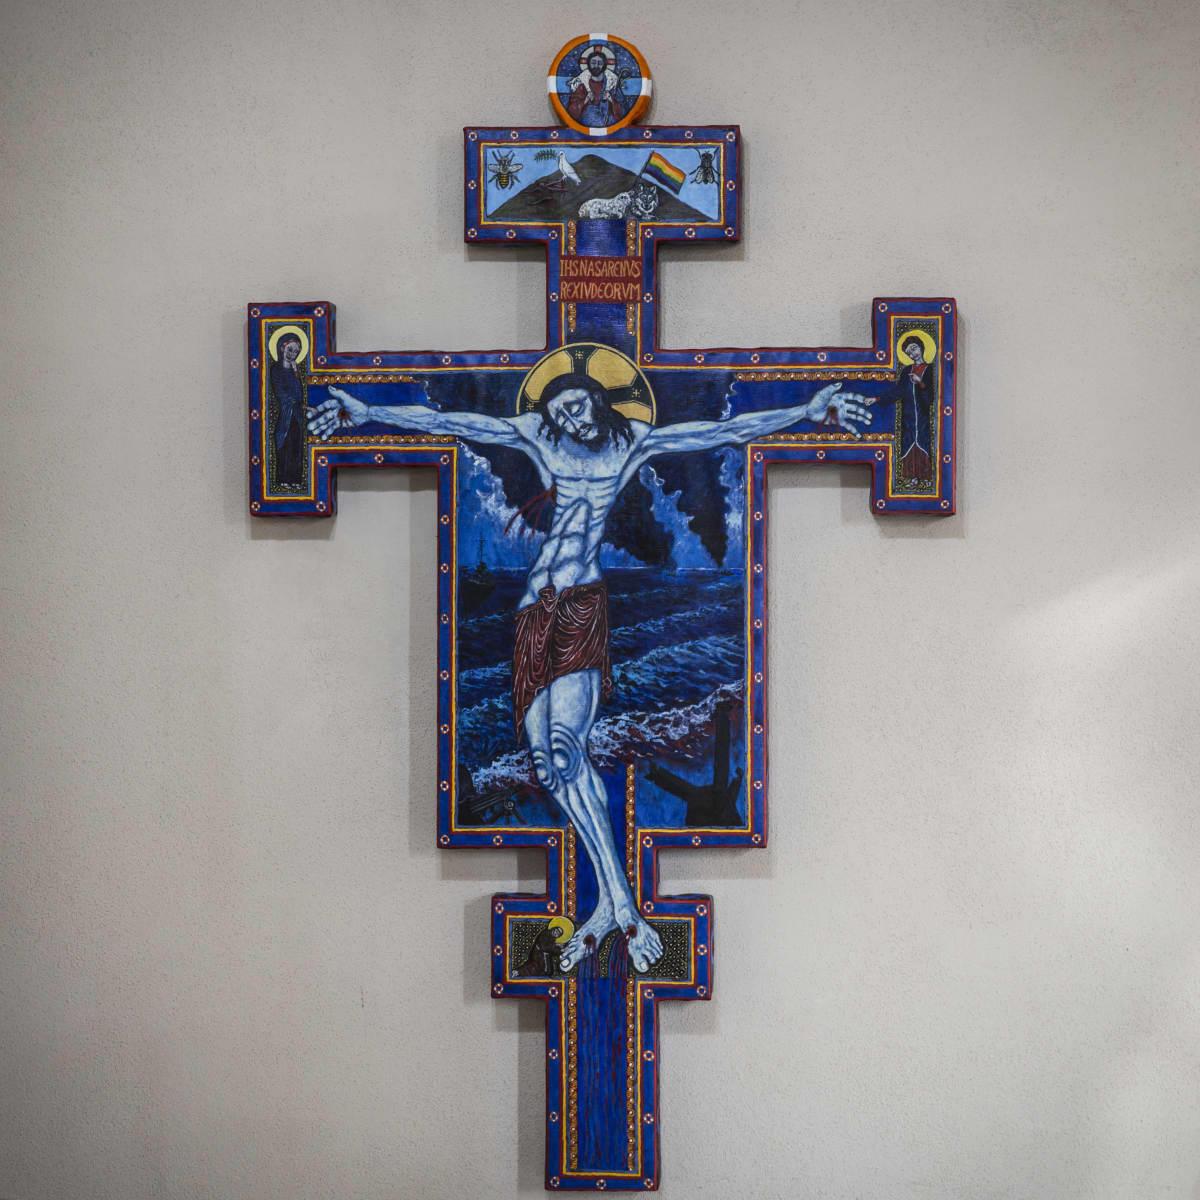 Krusifiksia esittävä taideteos Paavalin kirkon seinällä.